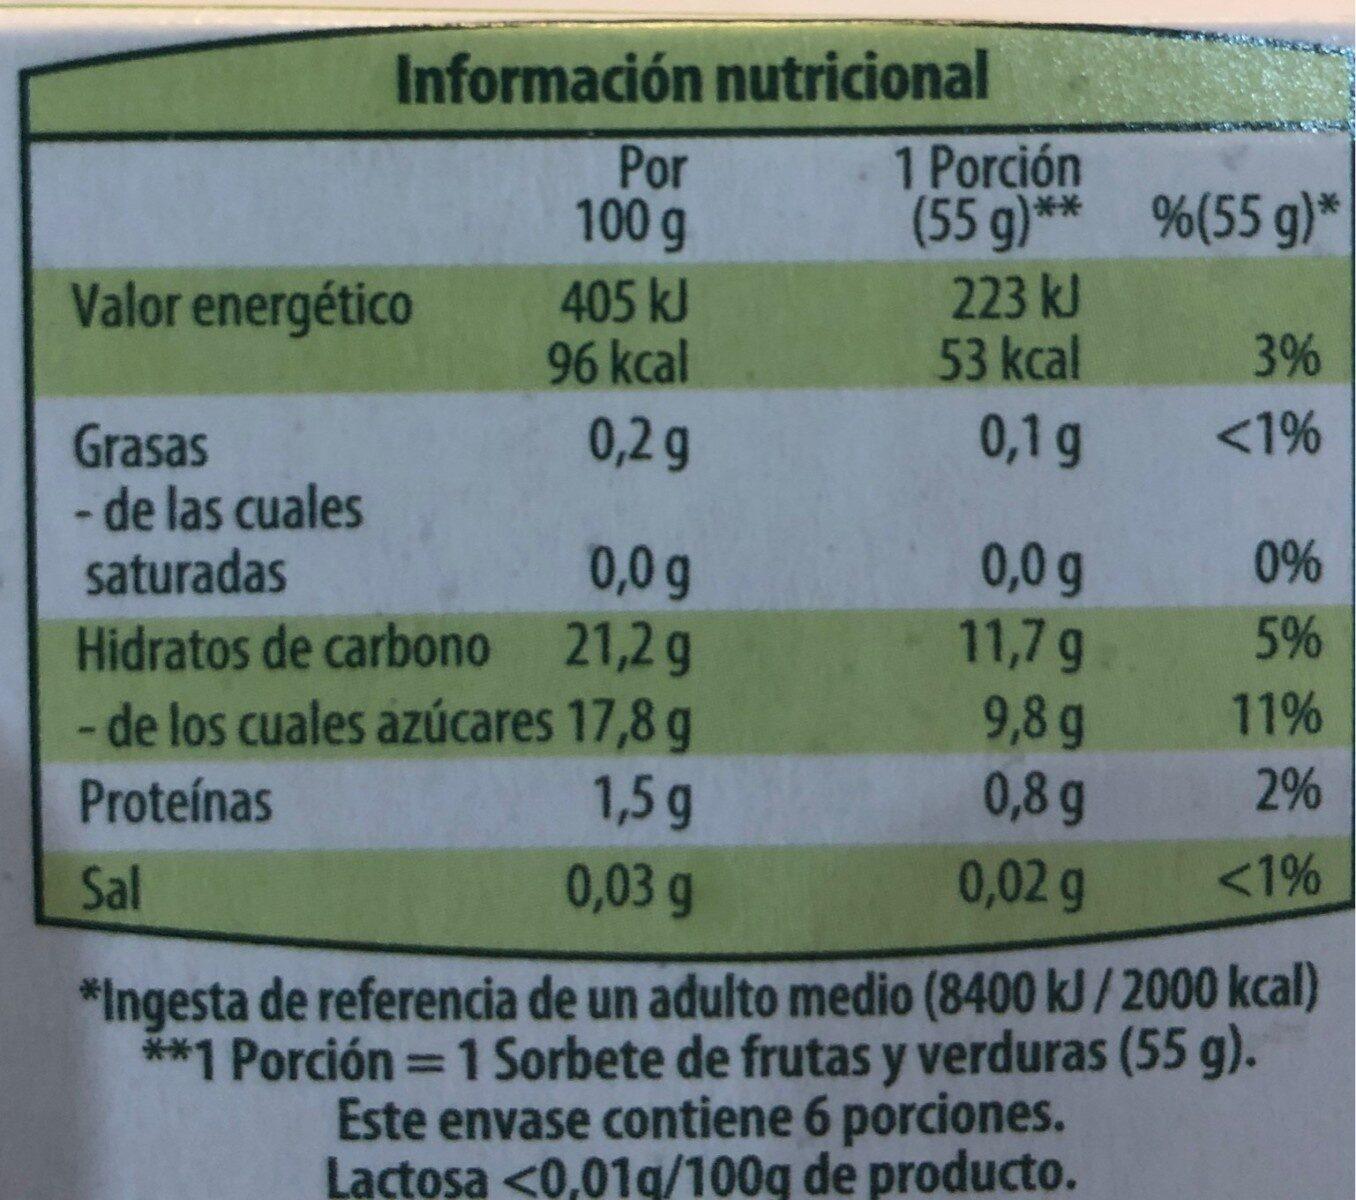 Sorbete de fruta y verdura ecológico - Información nutricional - es